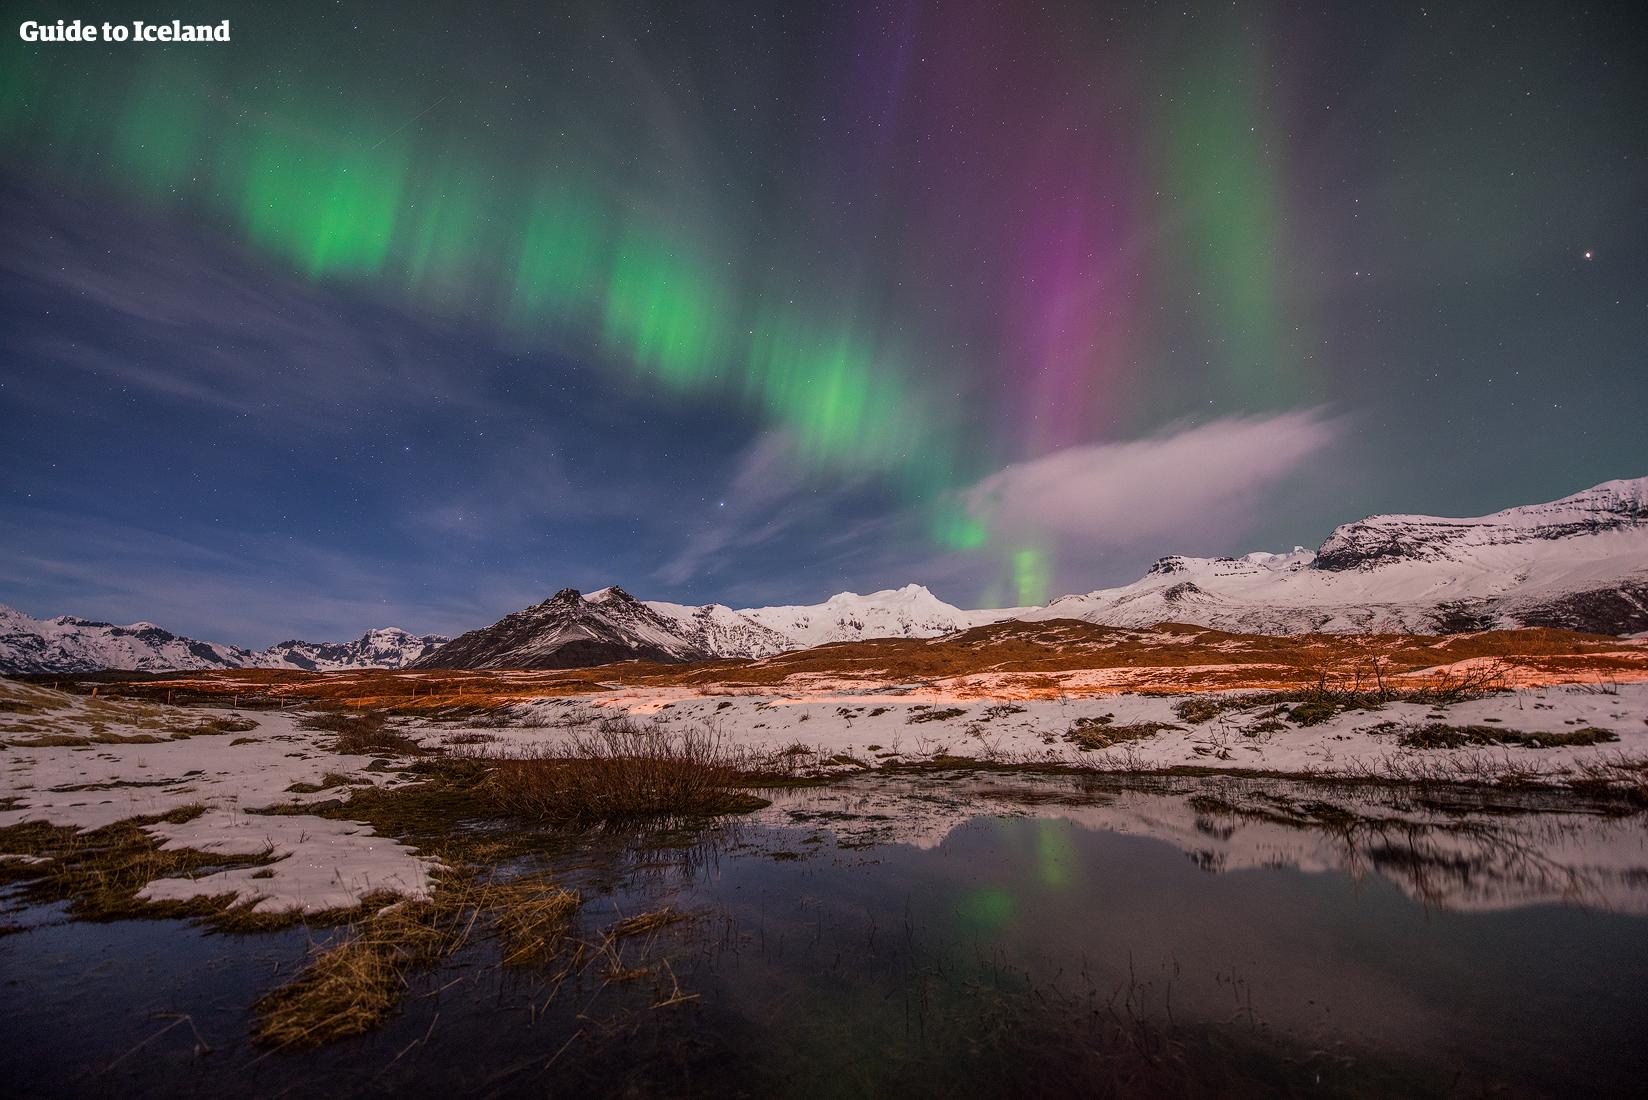 Rejs rundt i Island i vinterhalvåret for at se nordlyset danse på himlen over dig.